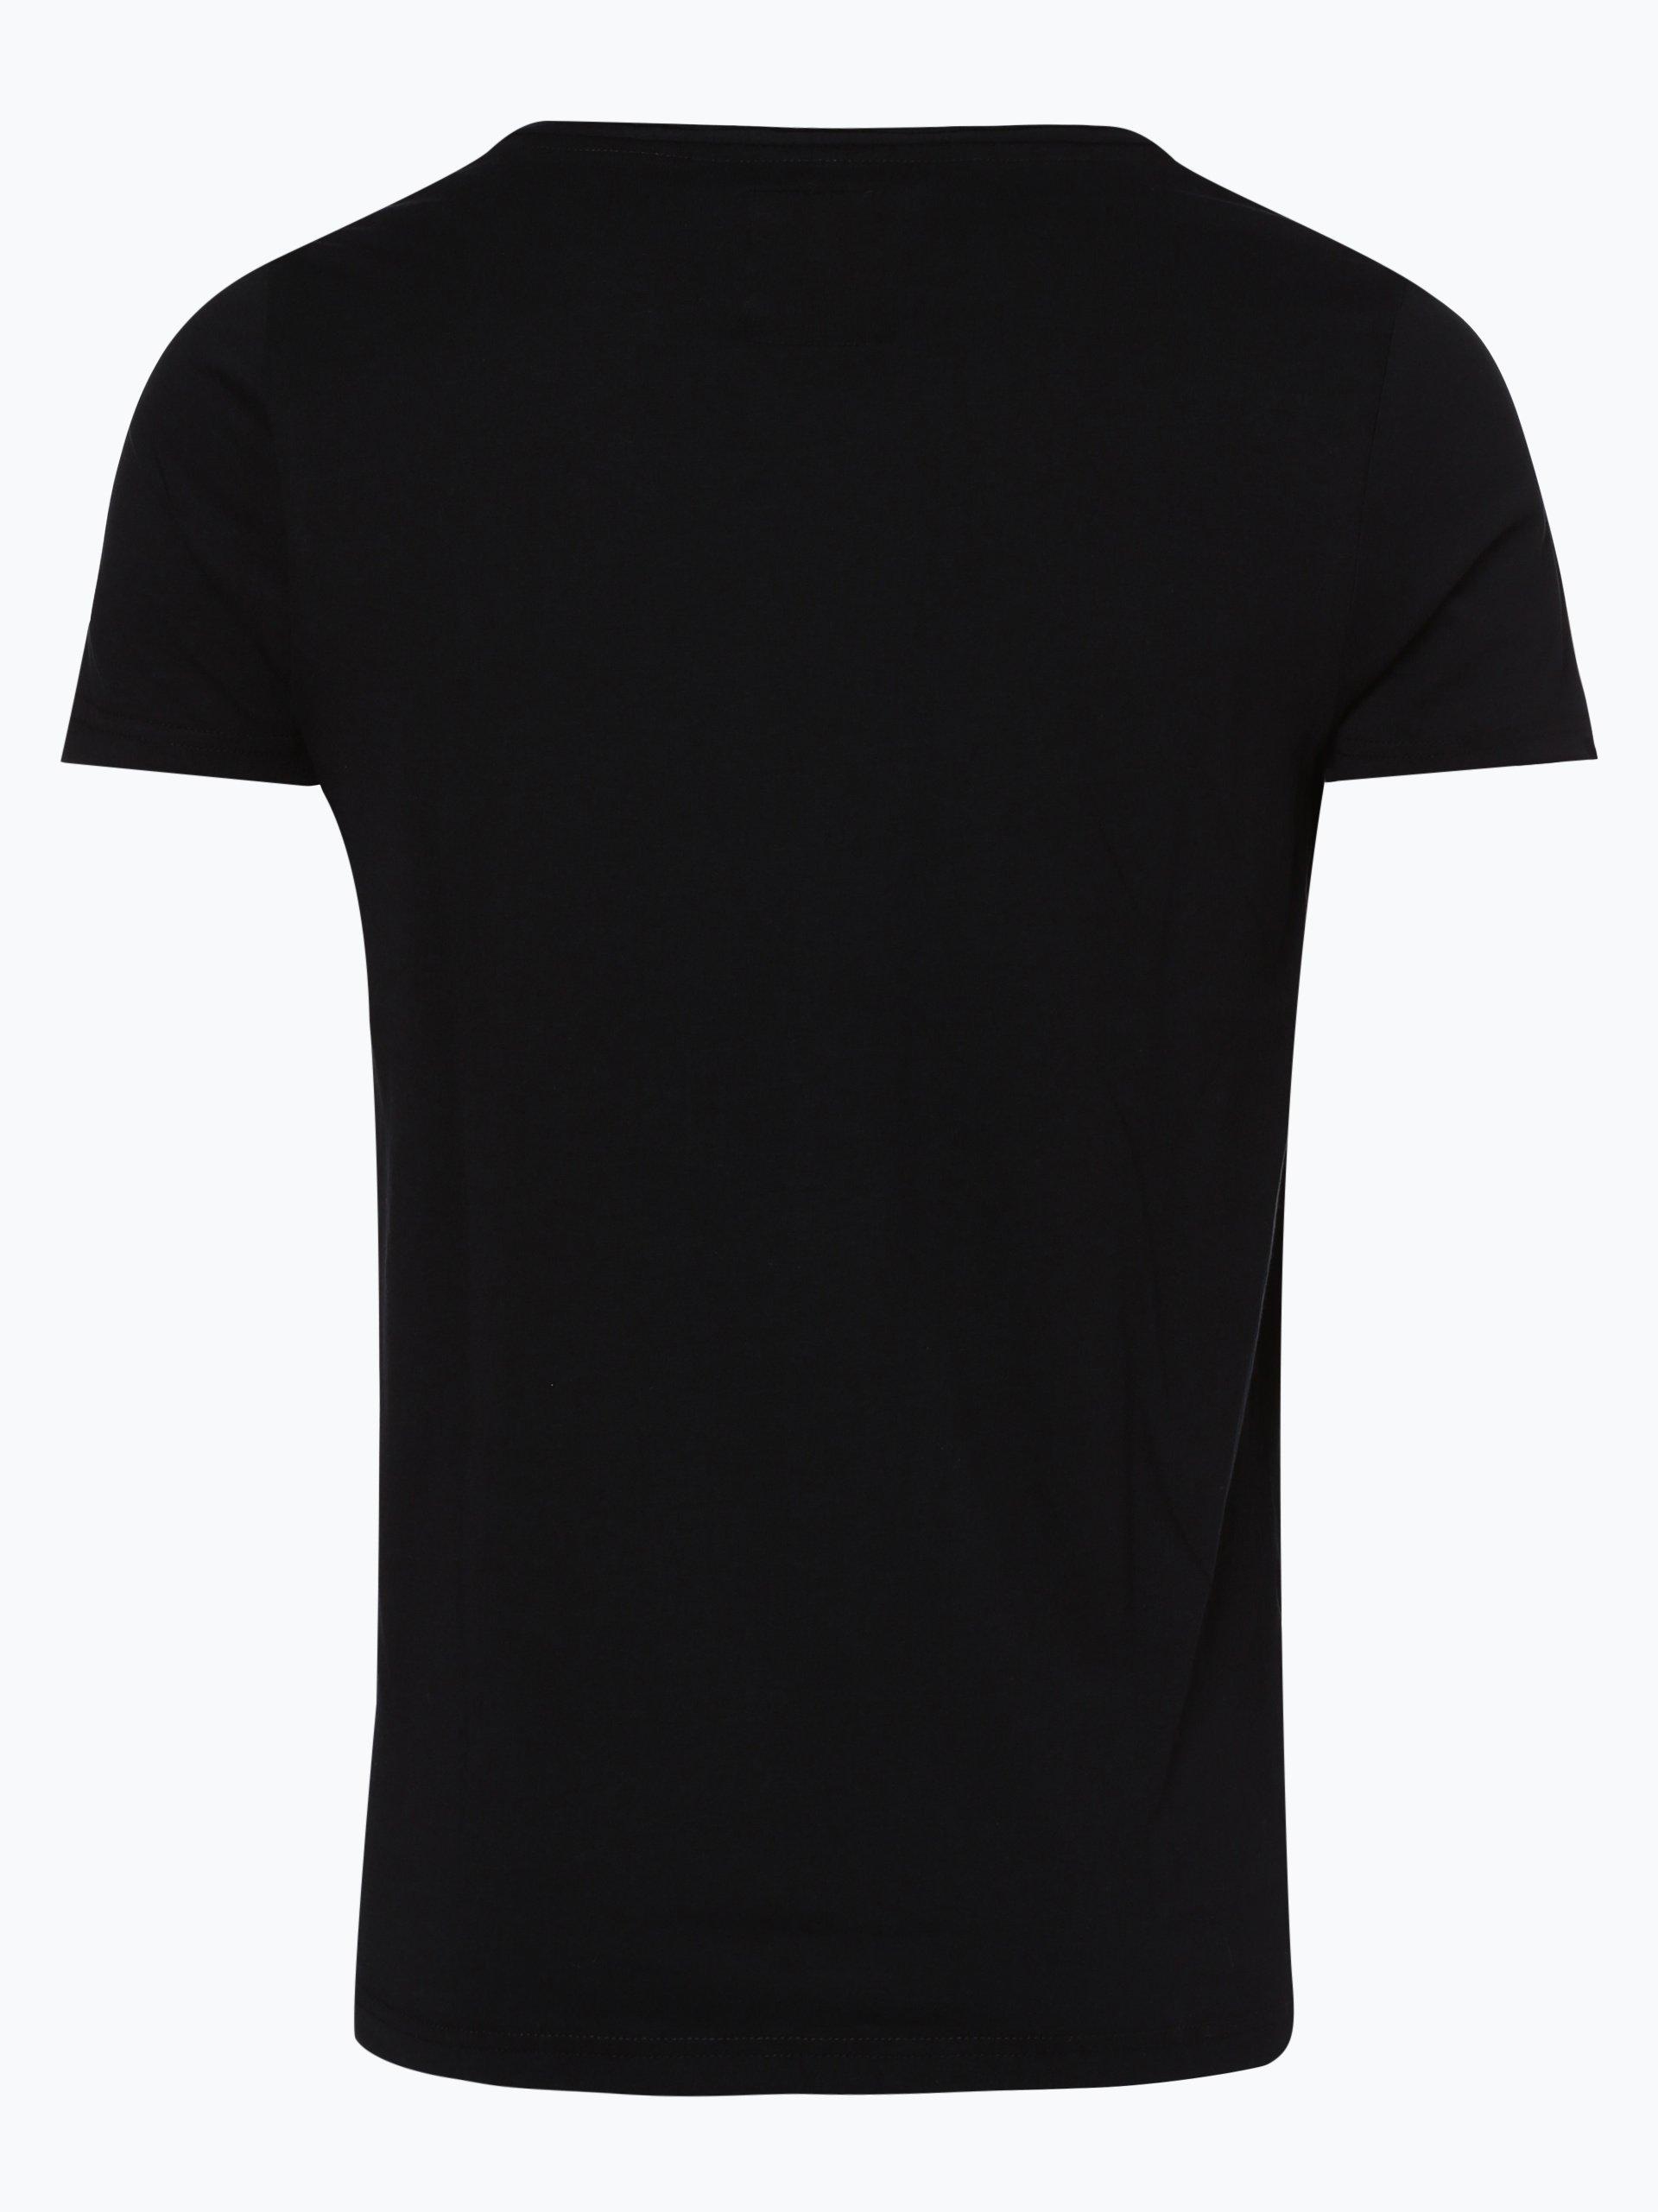 review herren t shirt schwarz uni online kaufen vangraaf com. Black Bedroom Furniture Sets. Home Design Ideas